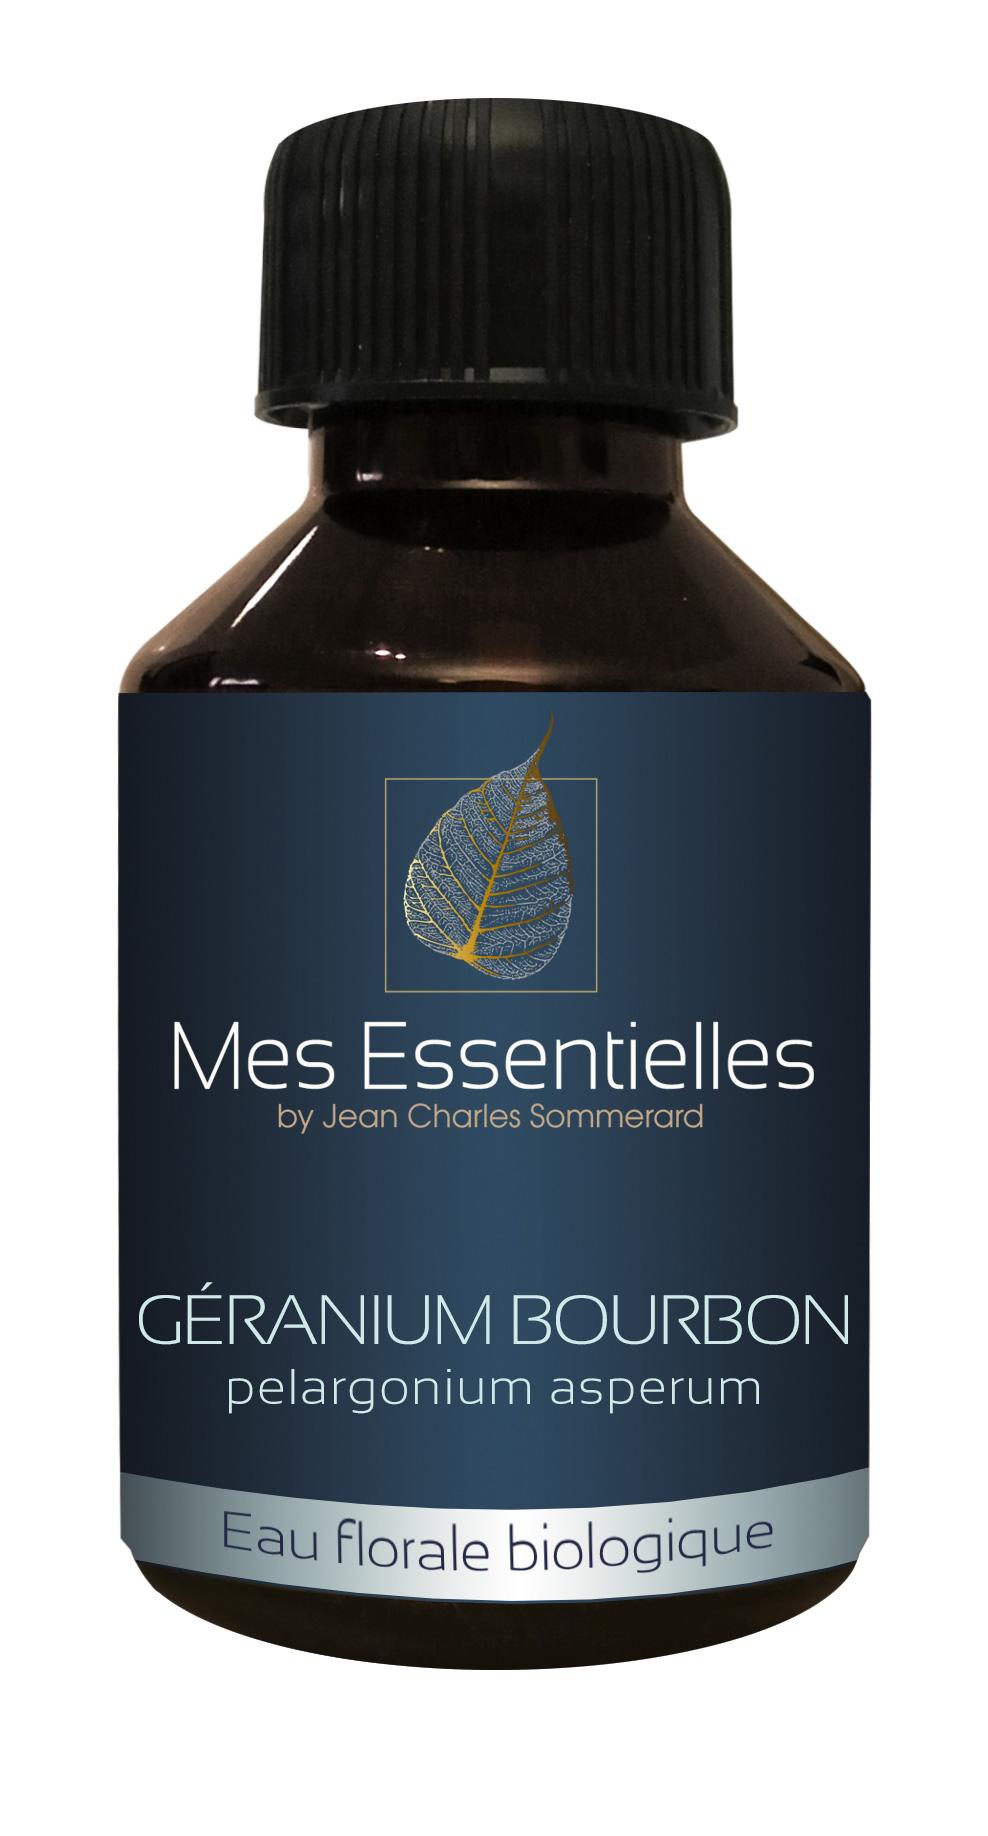 Sevessence - Eau florale biologique de Géranium Bourbon